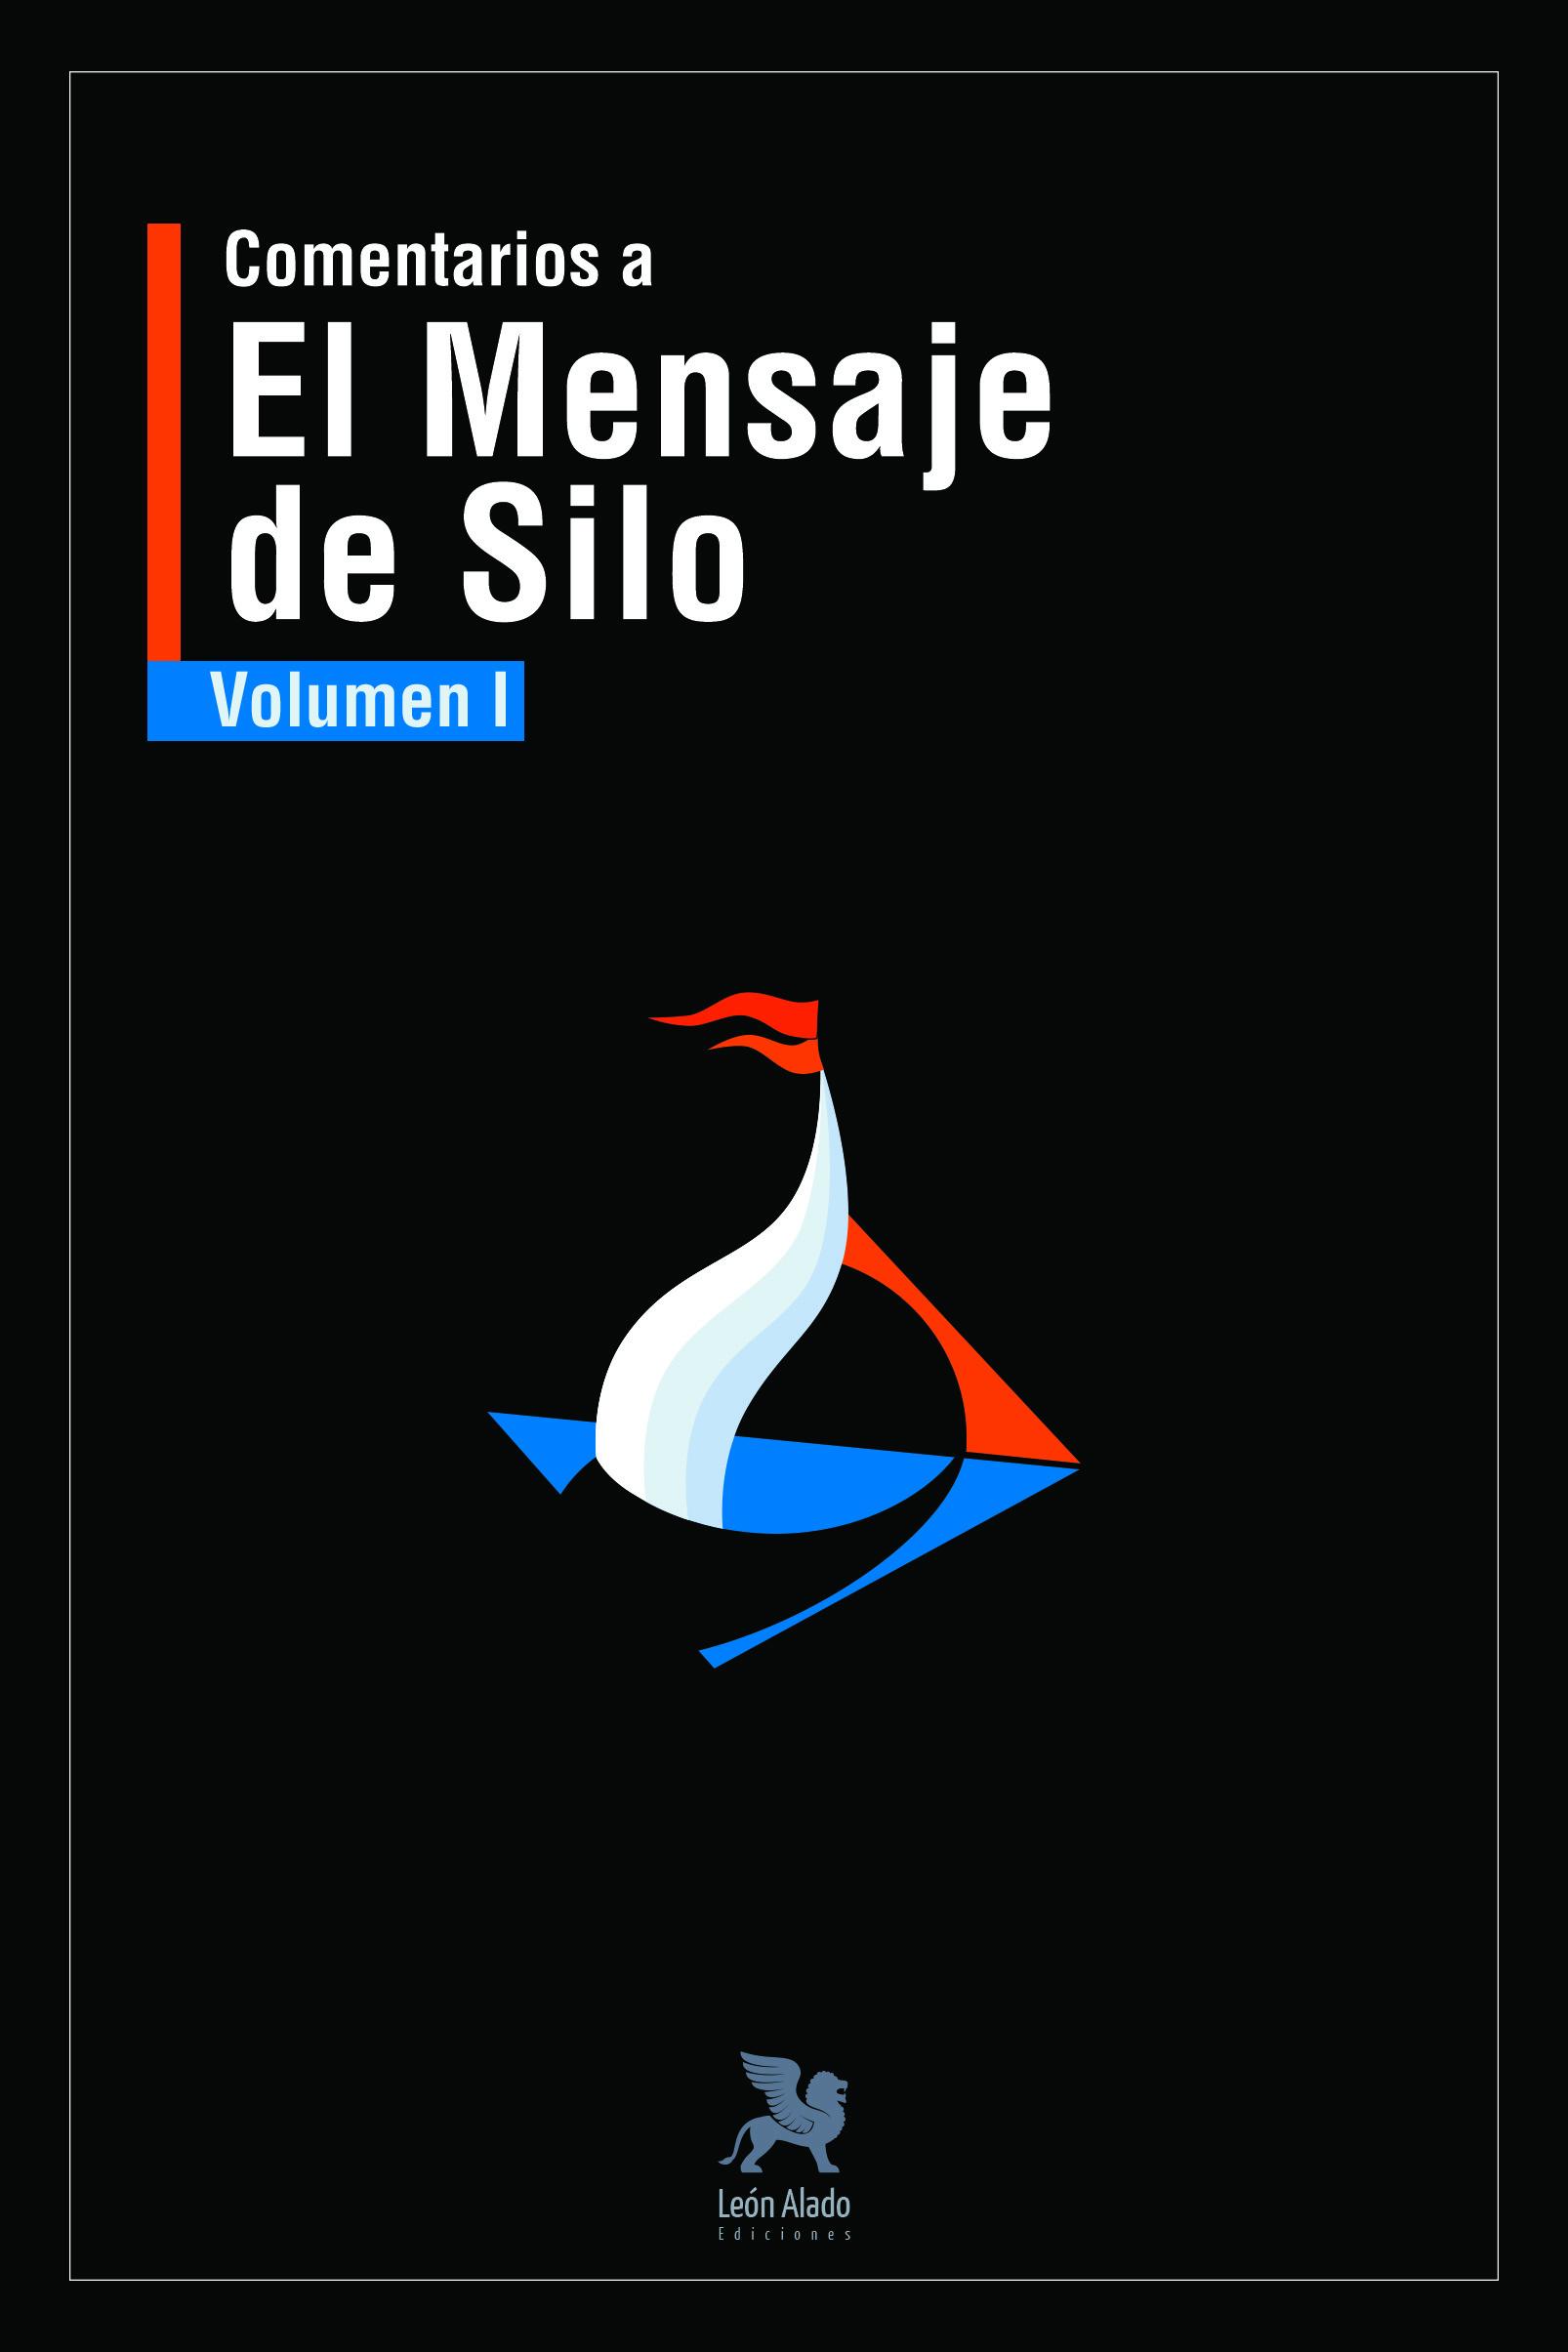 Comentarios al Mensaje de Silo – Vol I